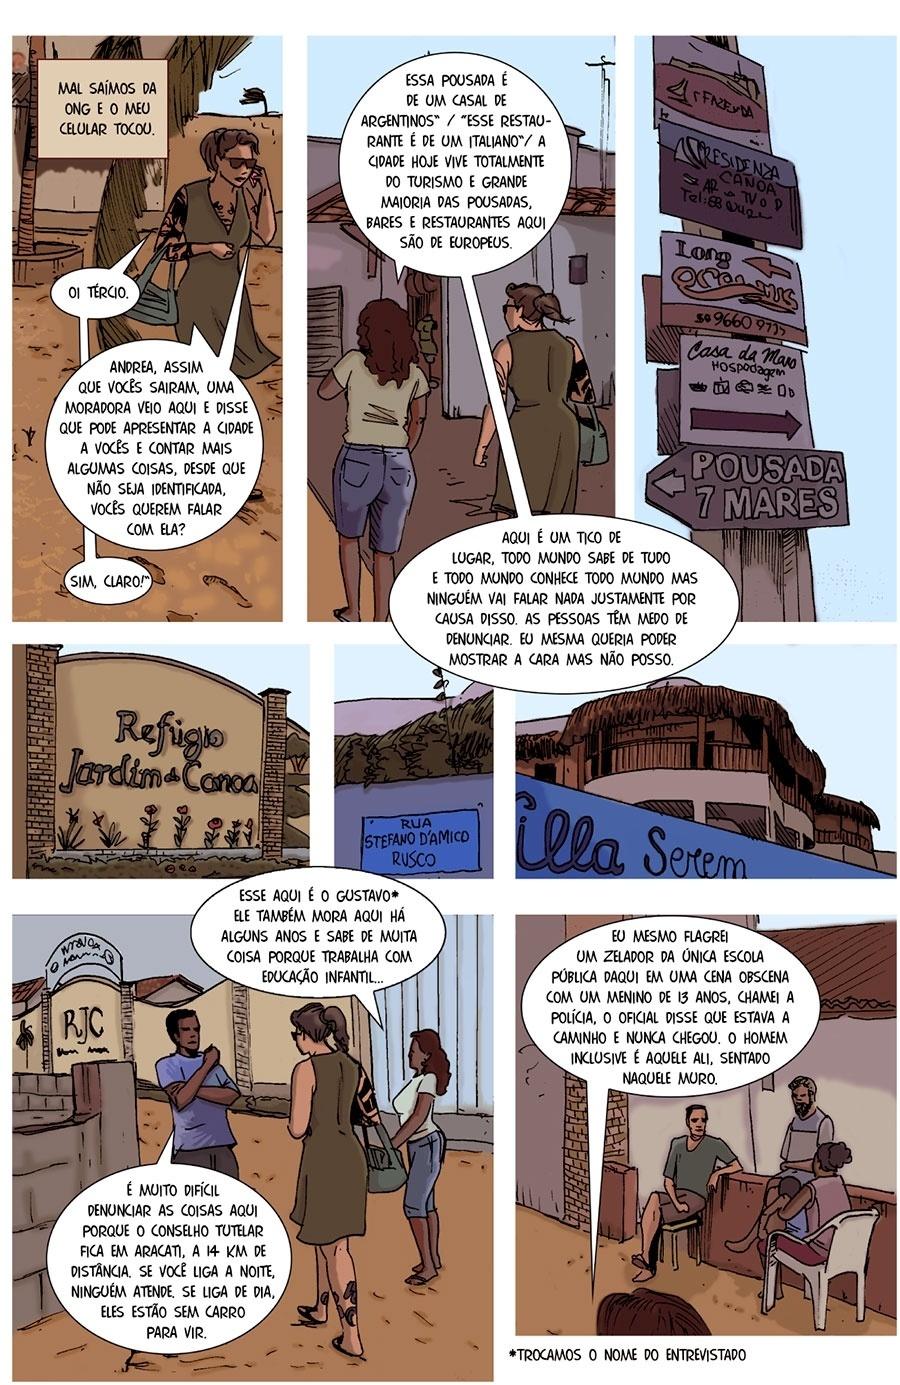 Capítulo 5: Um morador mostrou a cidade para os repórteres e disse confirmou que há exploração sexual.